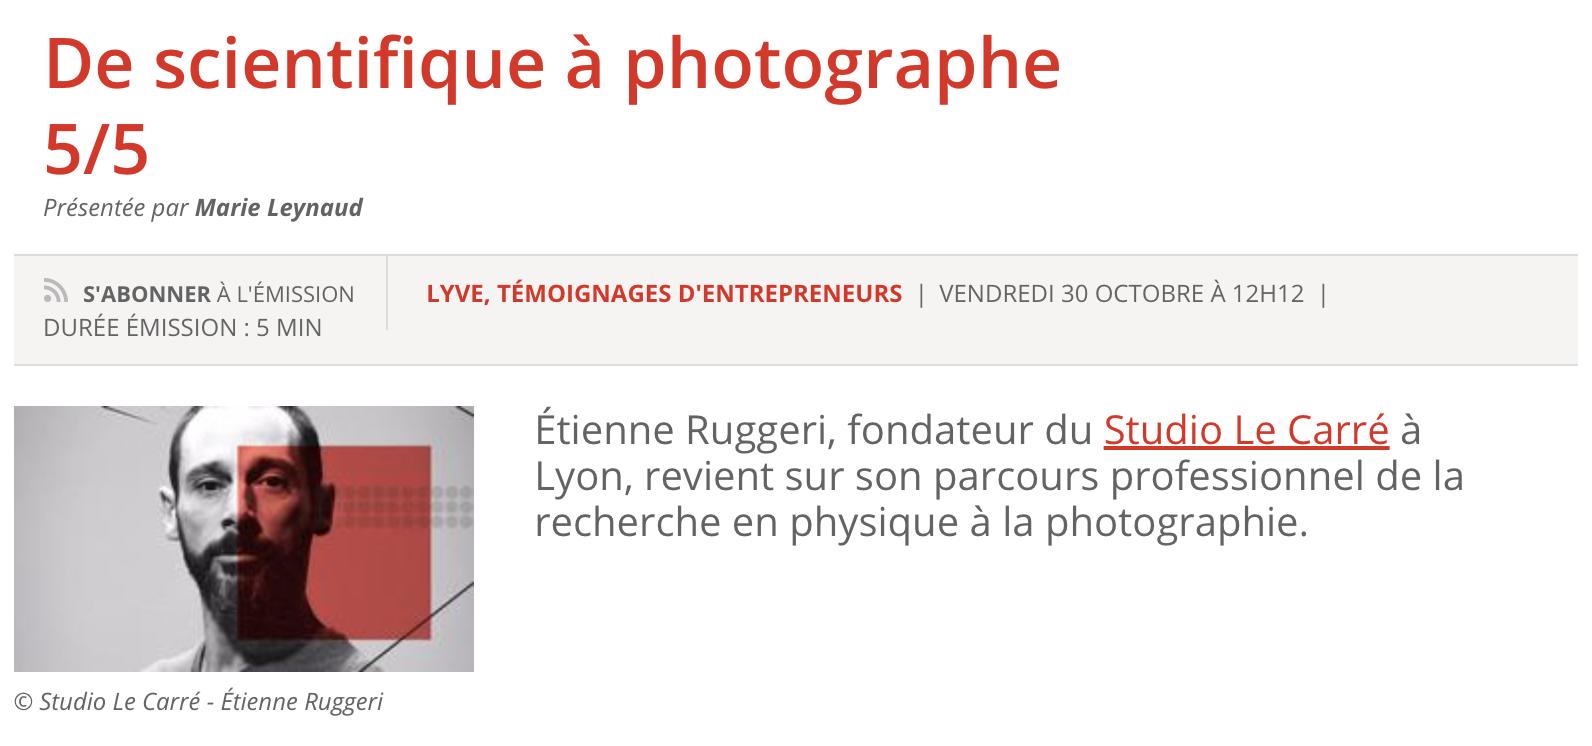 Découvrez l'interview d'Etienne RUGGERI le fondateur du studio Le Carré